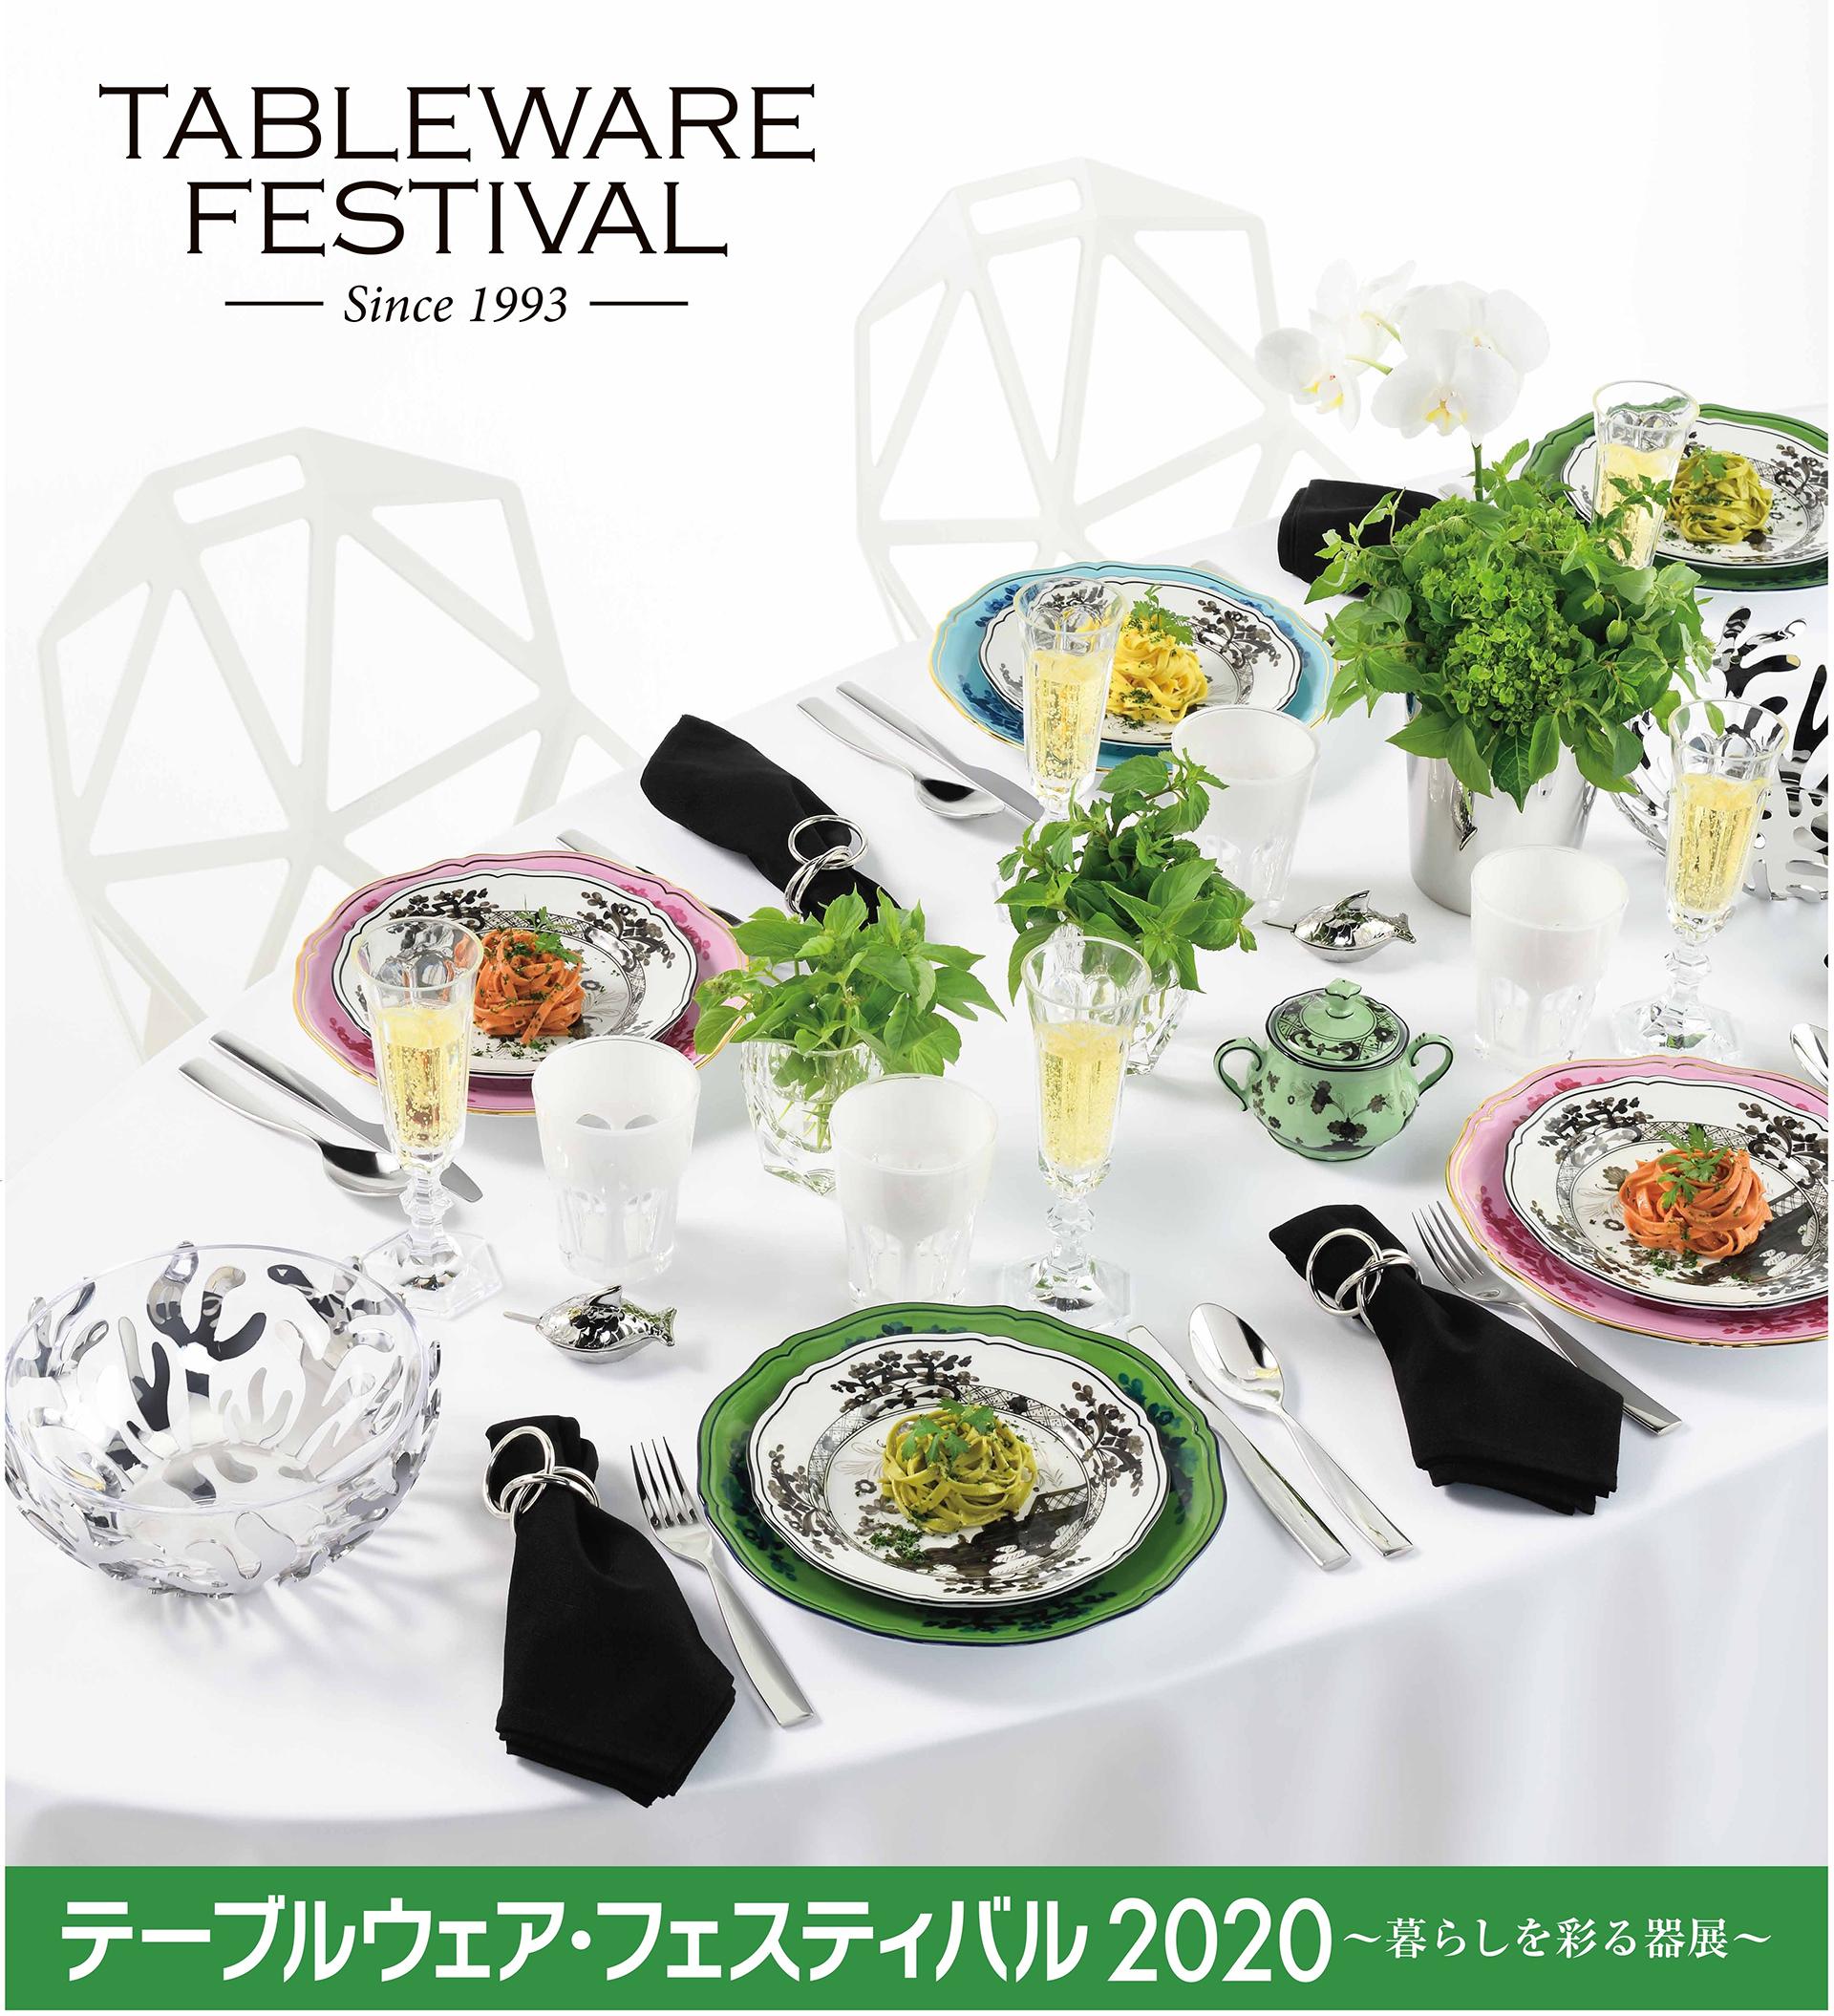 テーブルウェア・フェスティバル2020